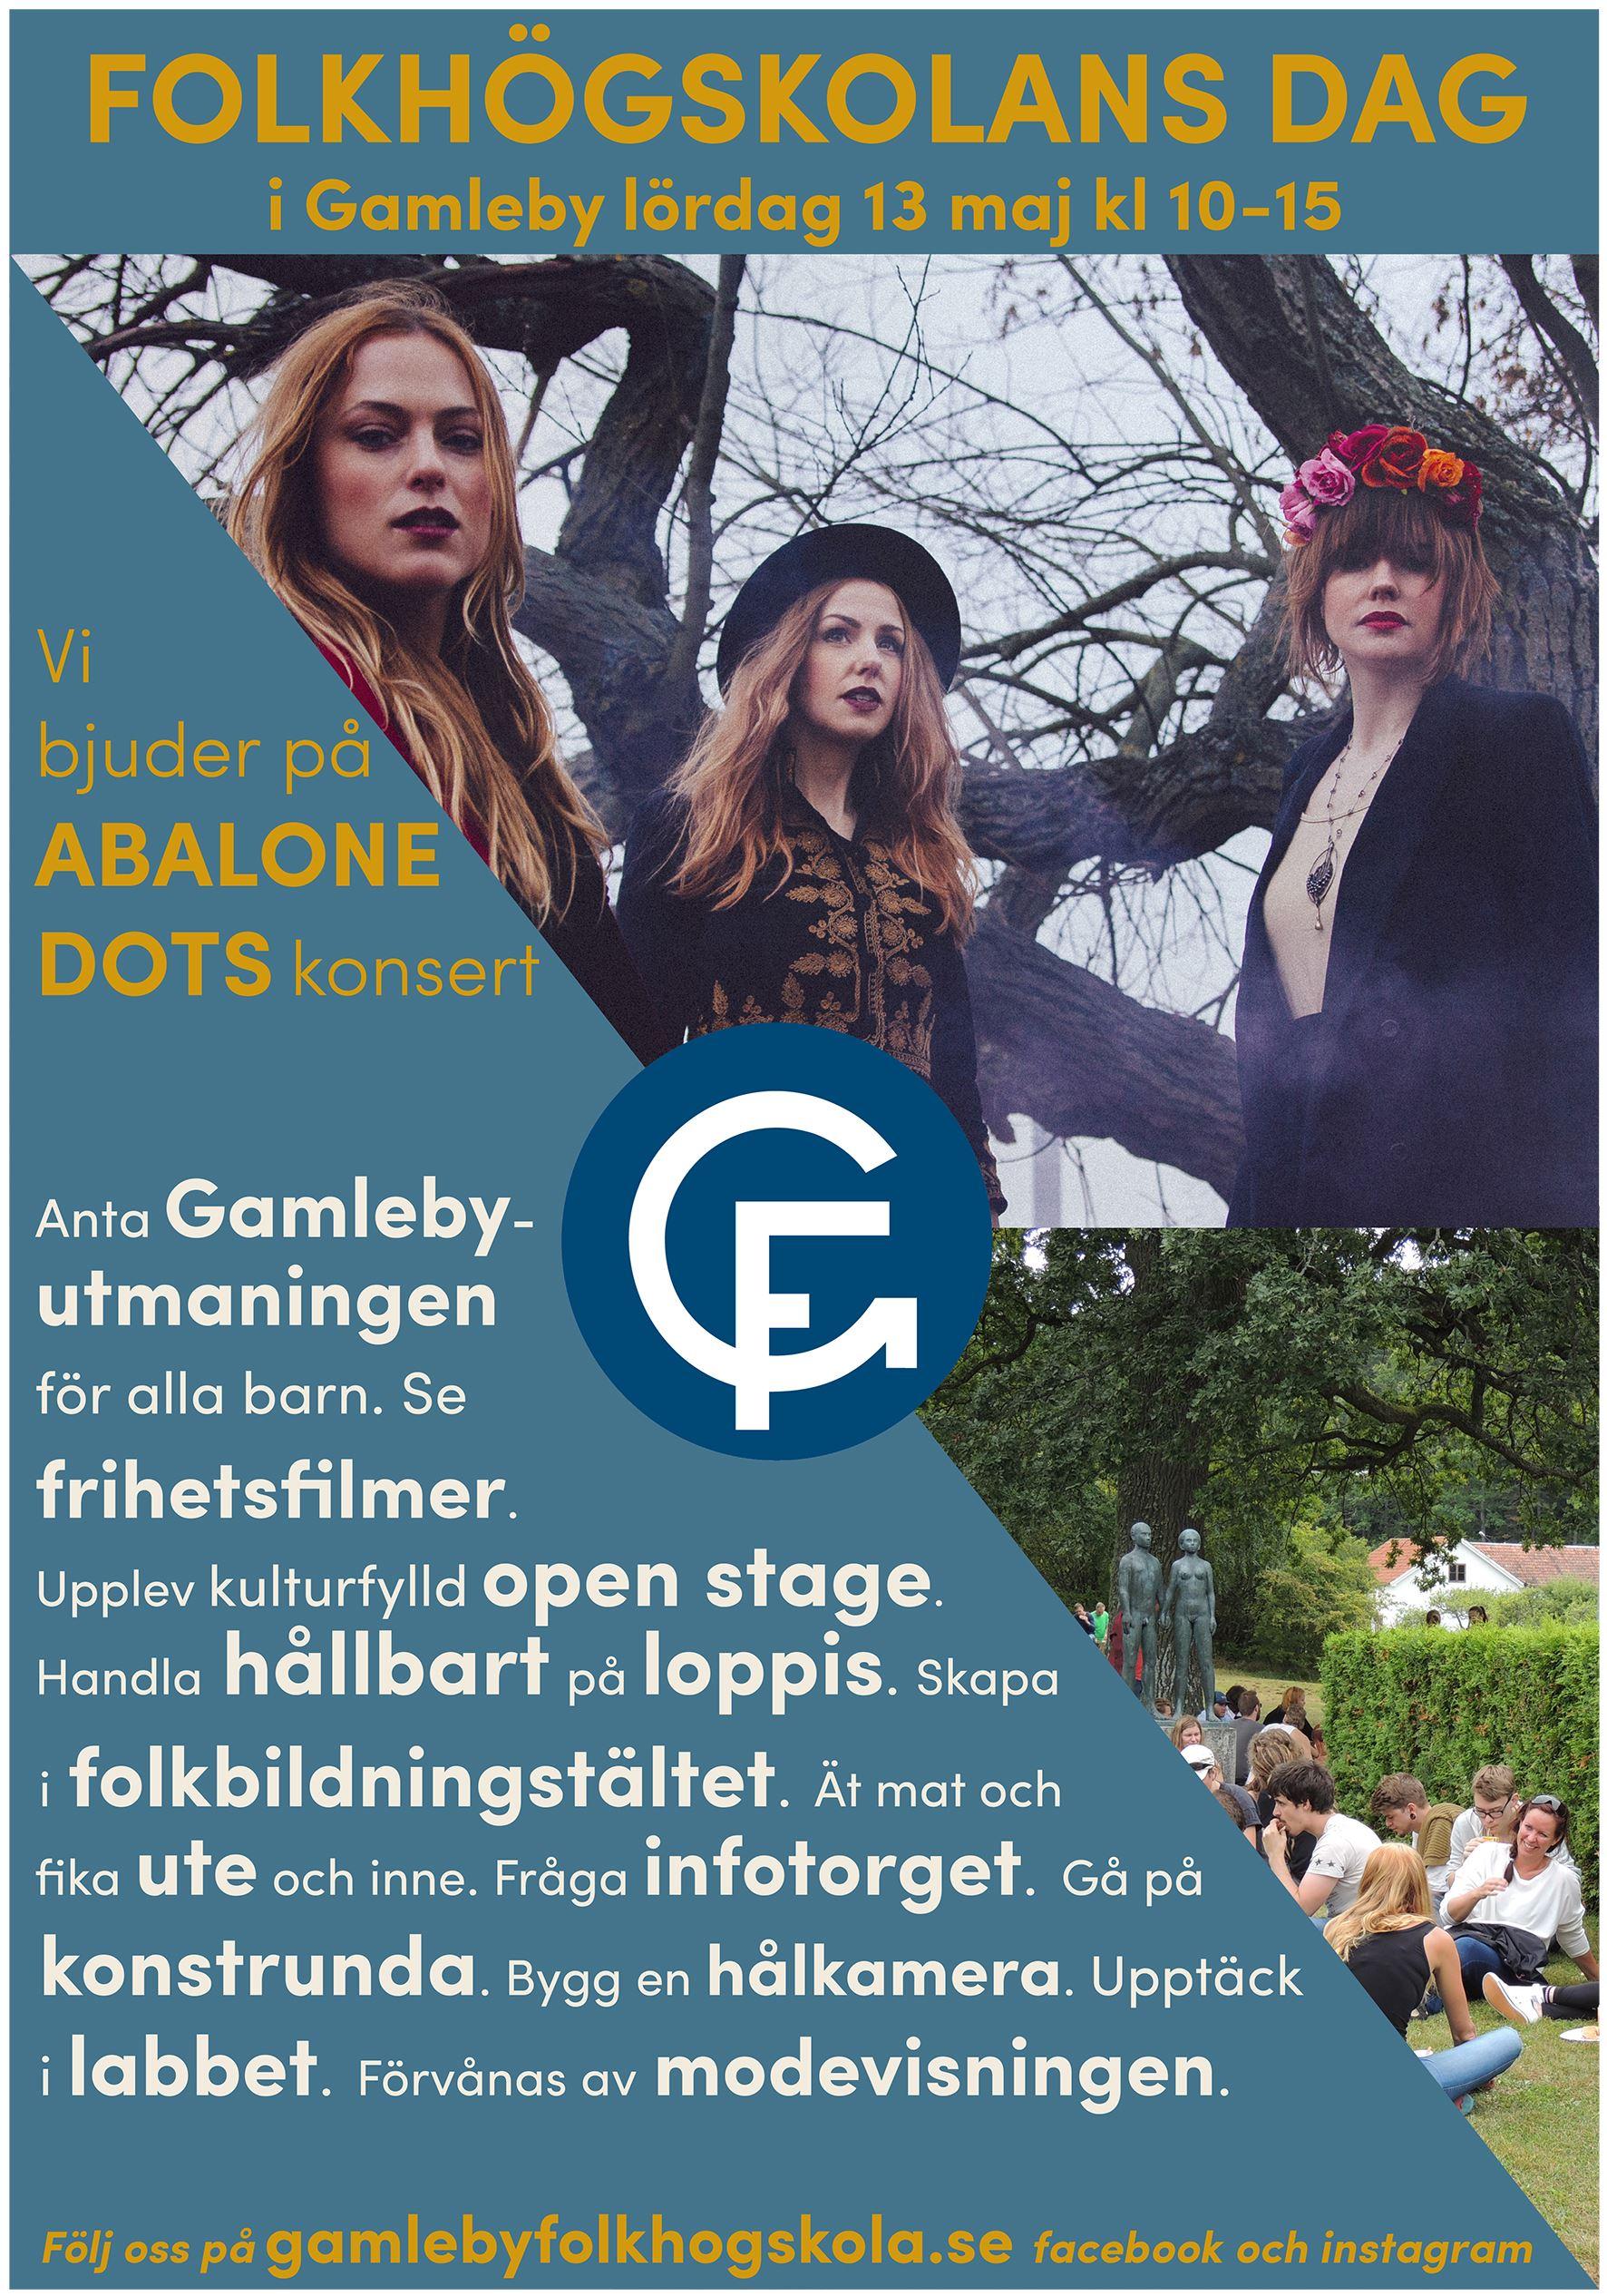 Folkhögskolans dag i Gamleby